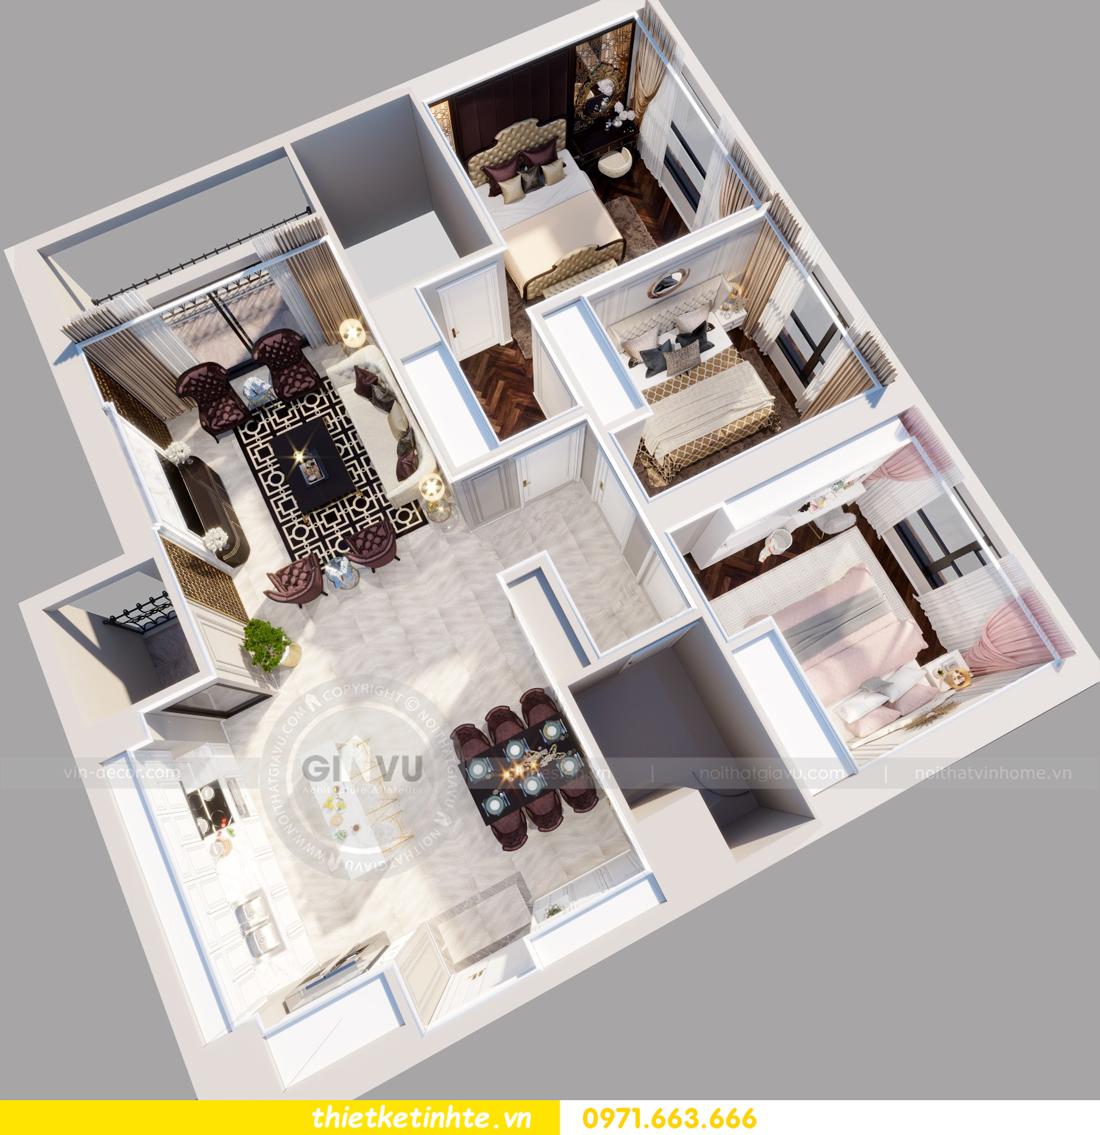 thiết kế nội thất chung cư Vinhomes Metropolis tòa M1 01